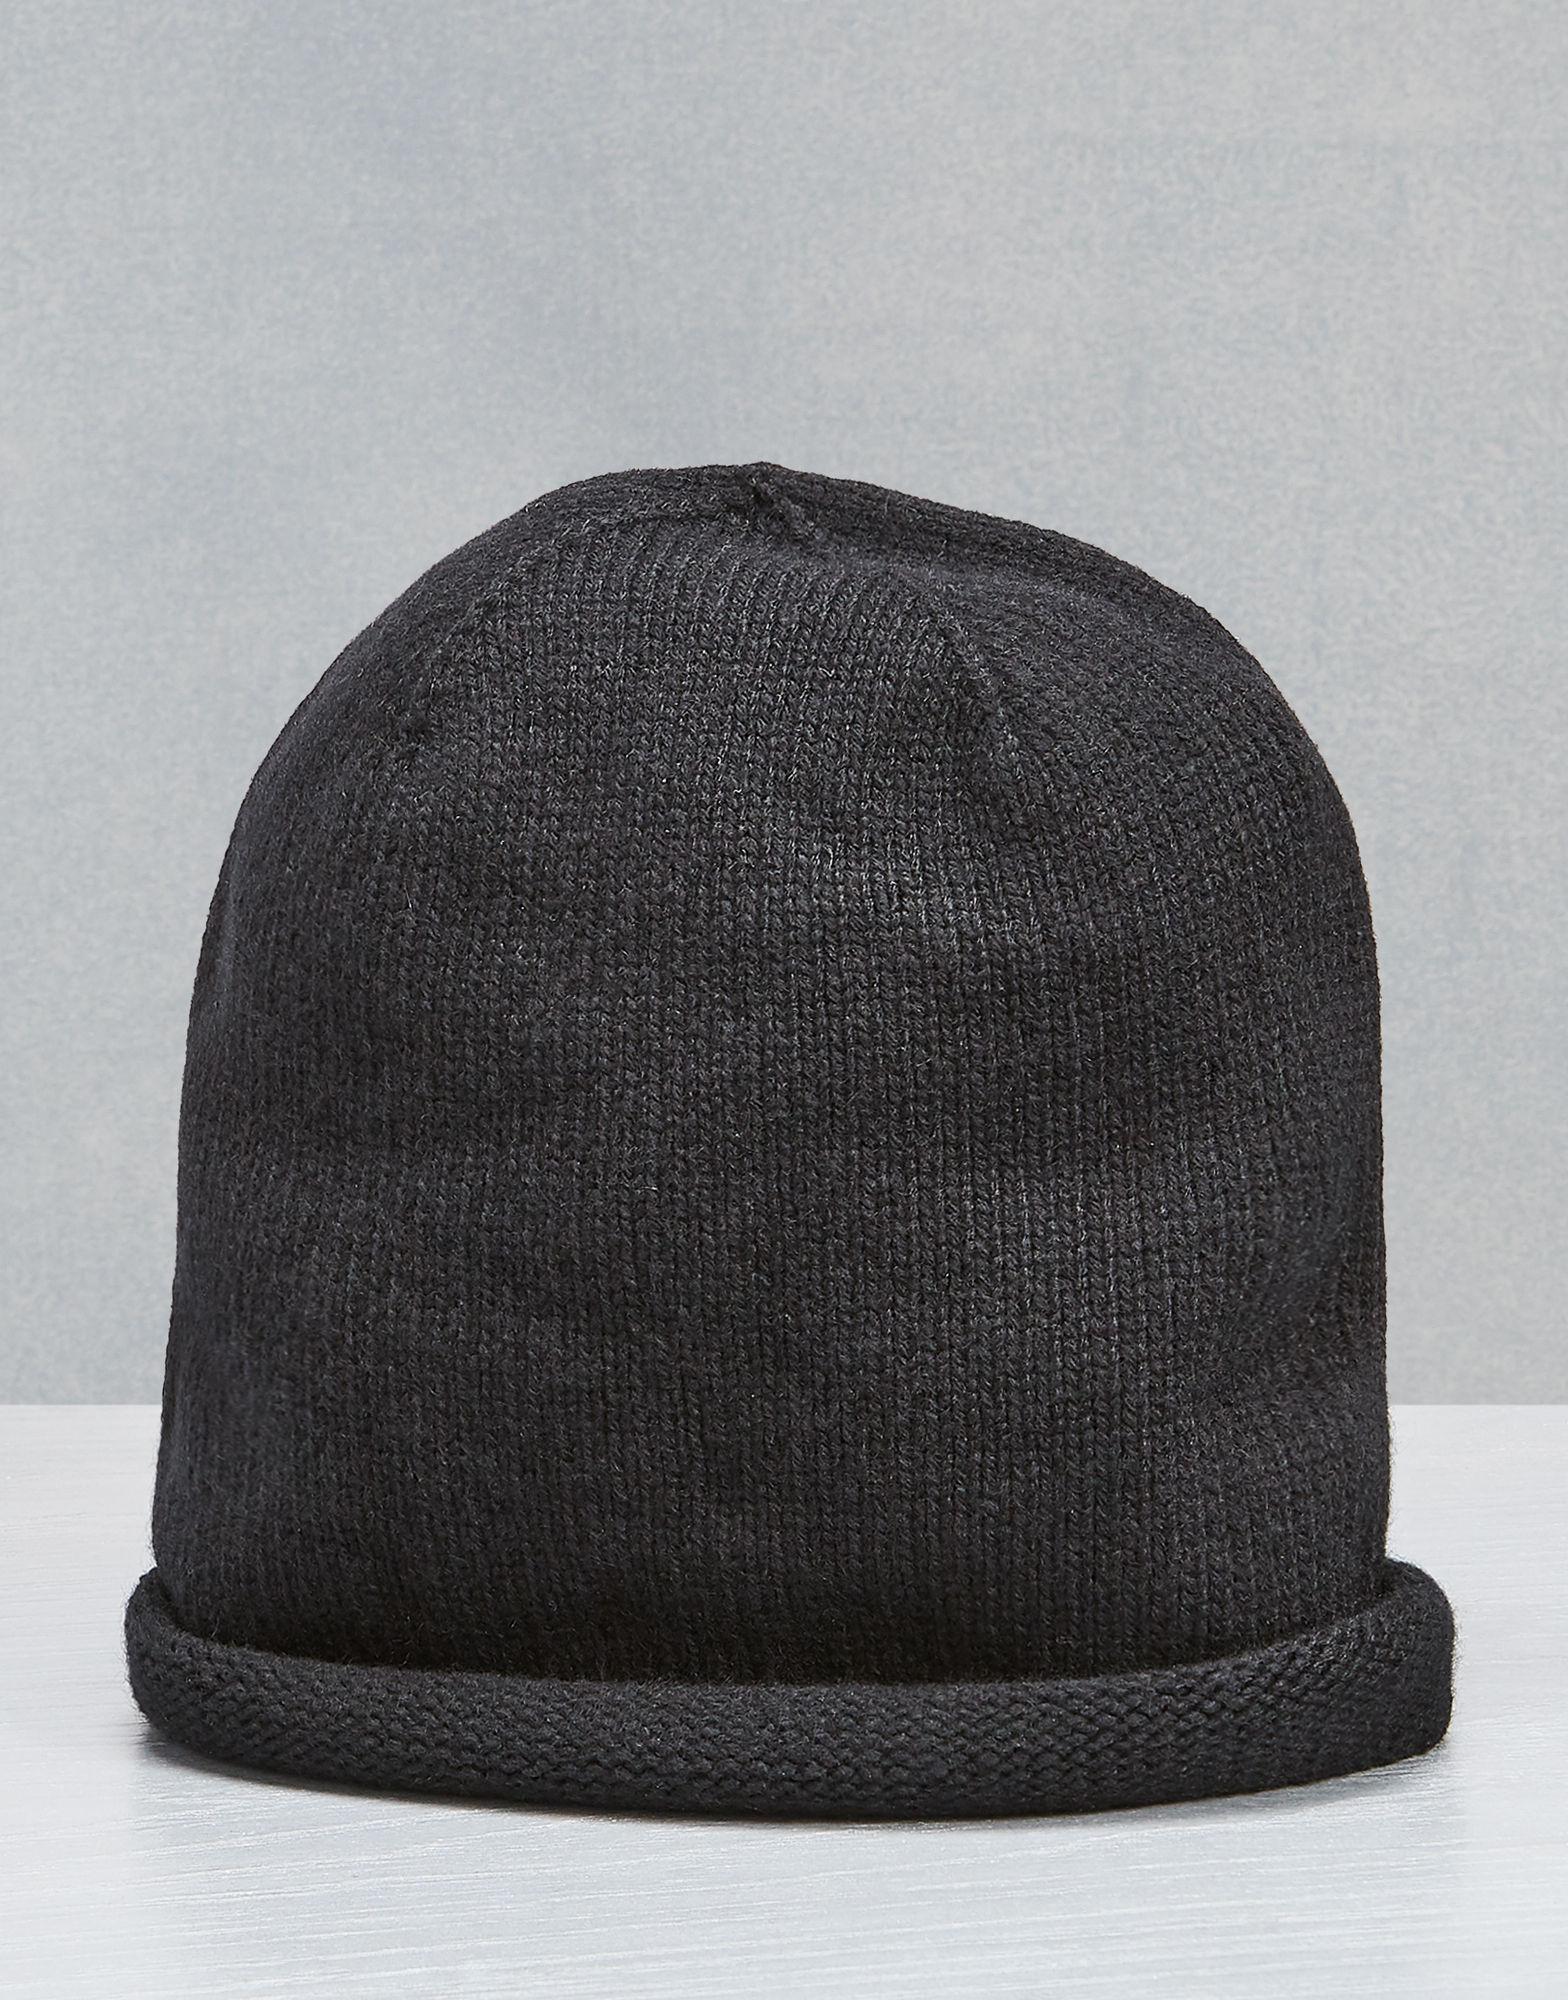 Lyst - Belstaff Emery Hat in Black ac8bd3a0a8b